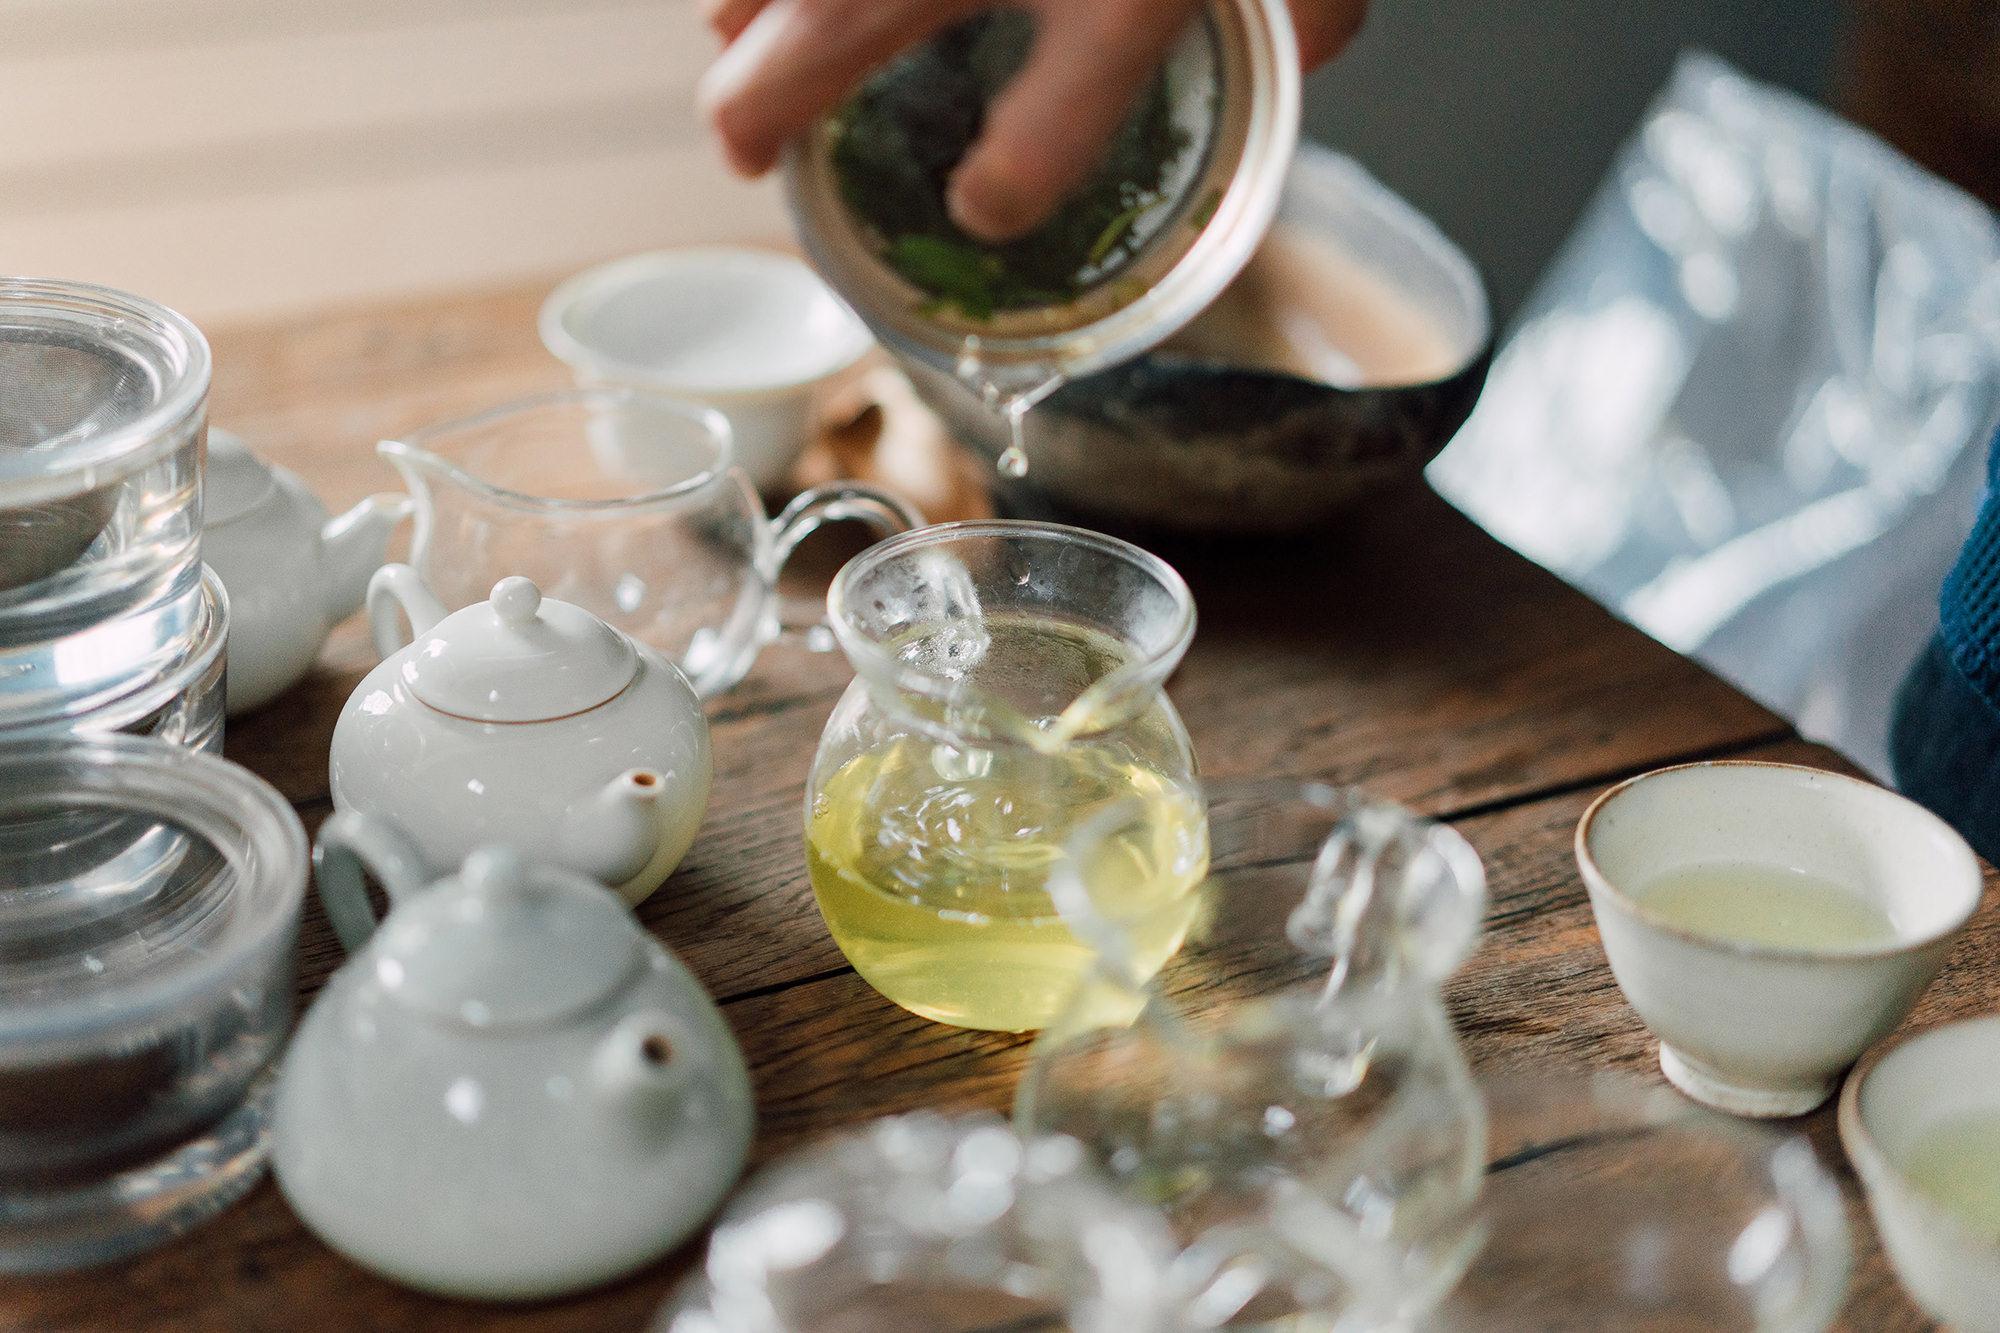 淹れると黄金色に輝く浅蒸しの煎茶